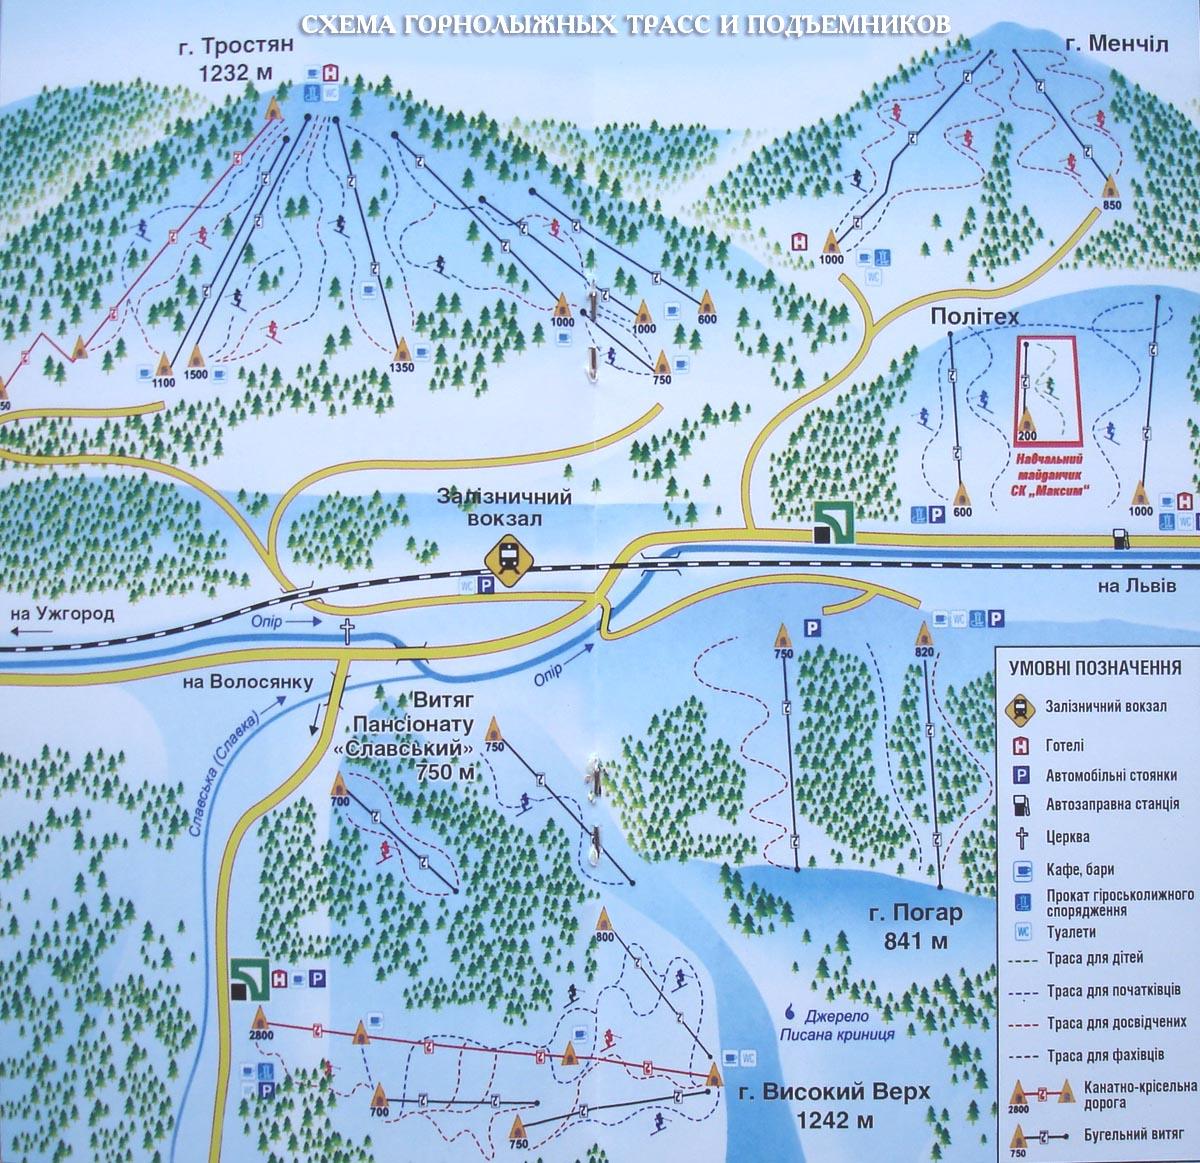 Зоны катания на горнолыжном курорте Славское, Карпаты